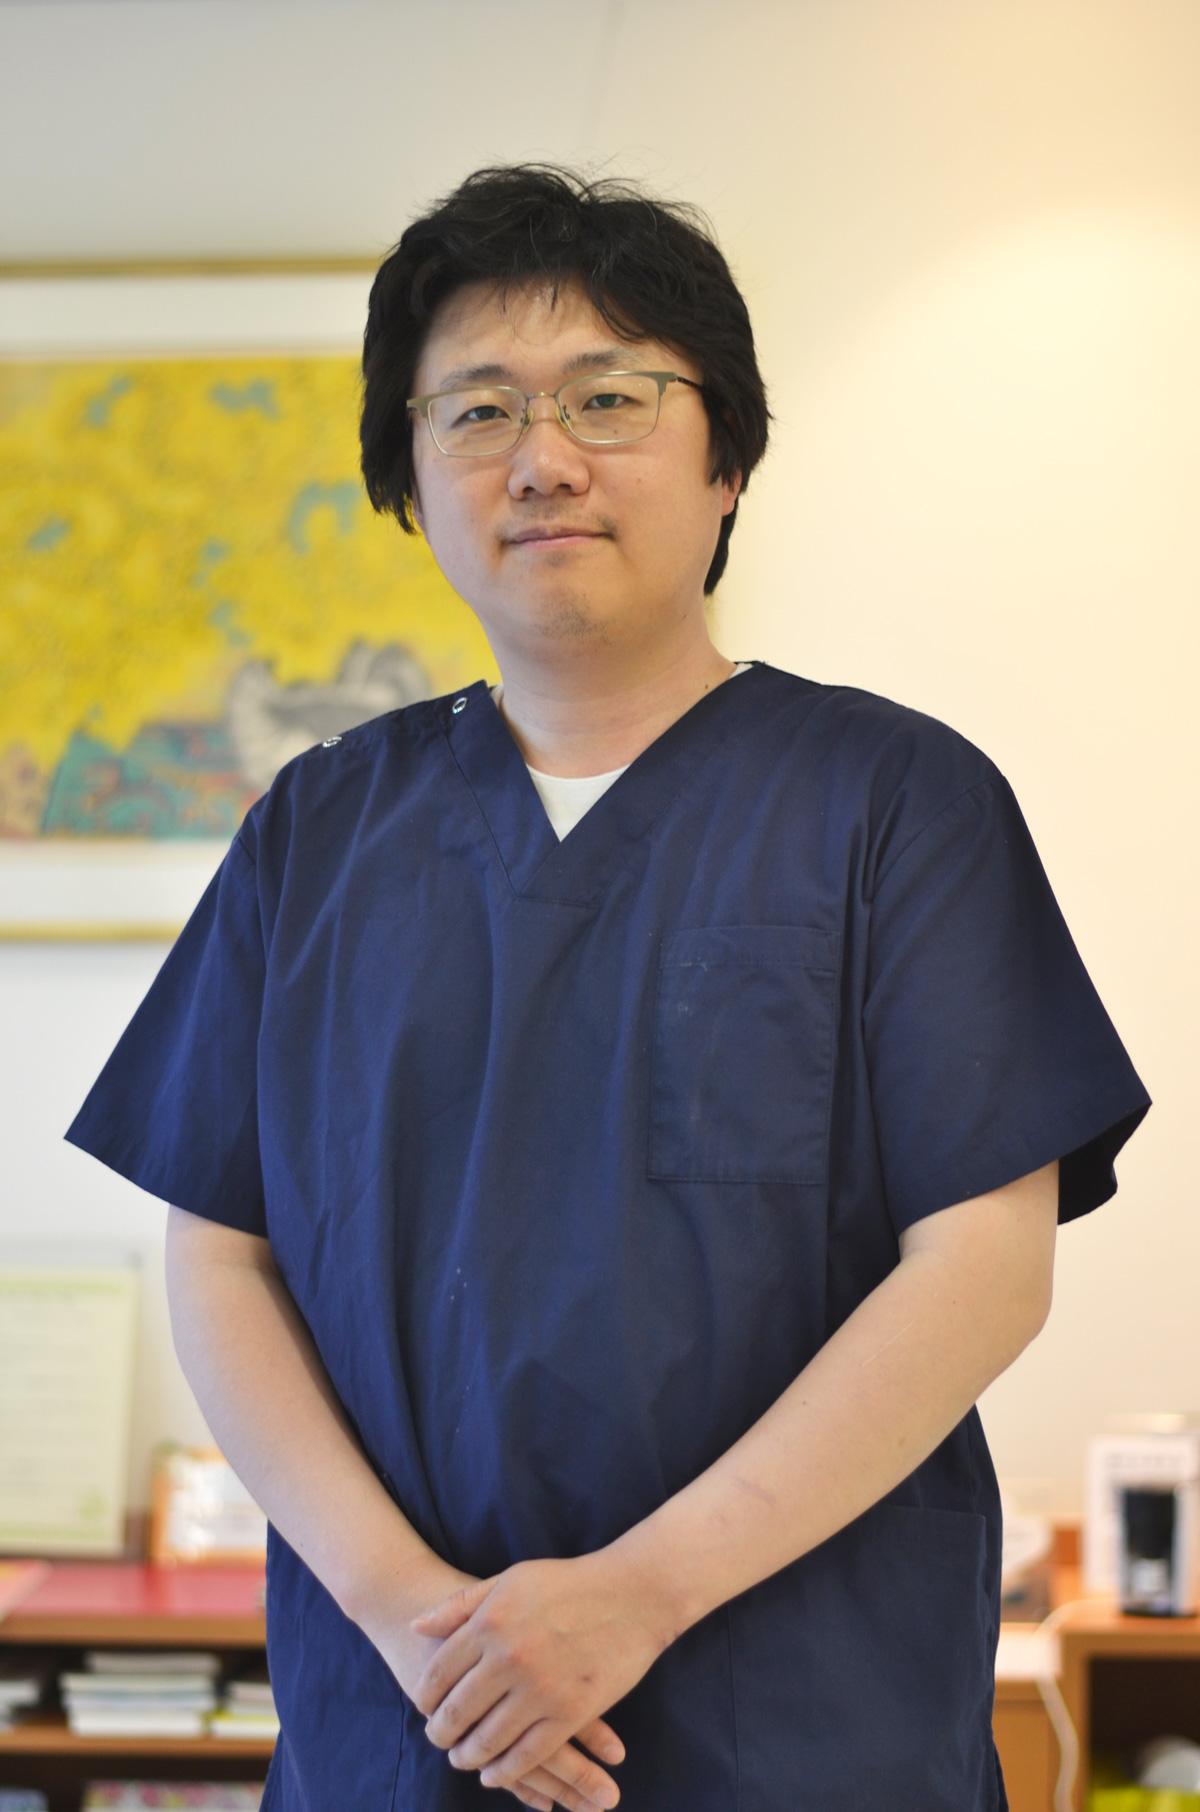 清本聖文 グリーンデンタルクリニック 歯科医師 生理学者